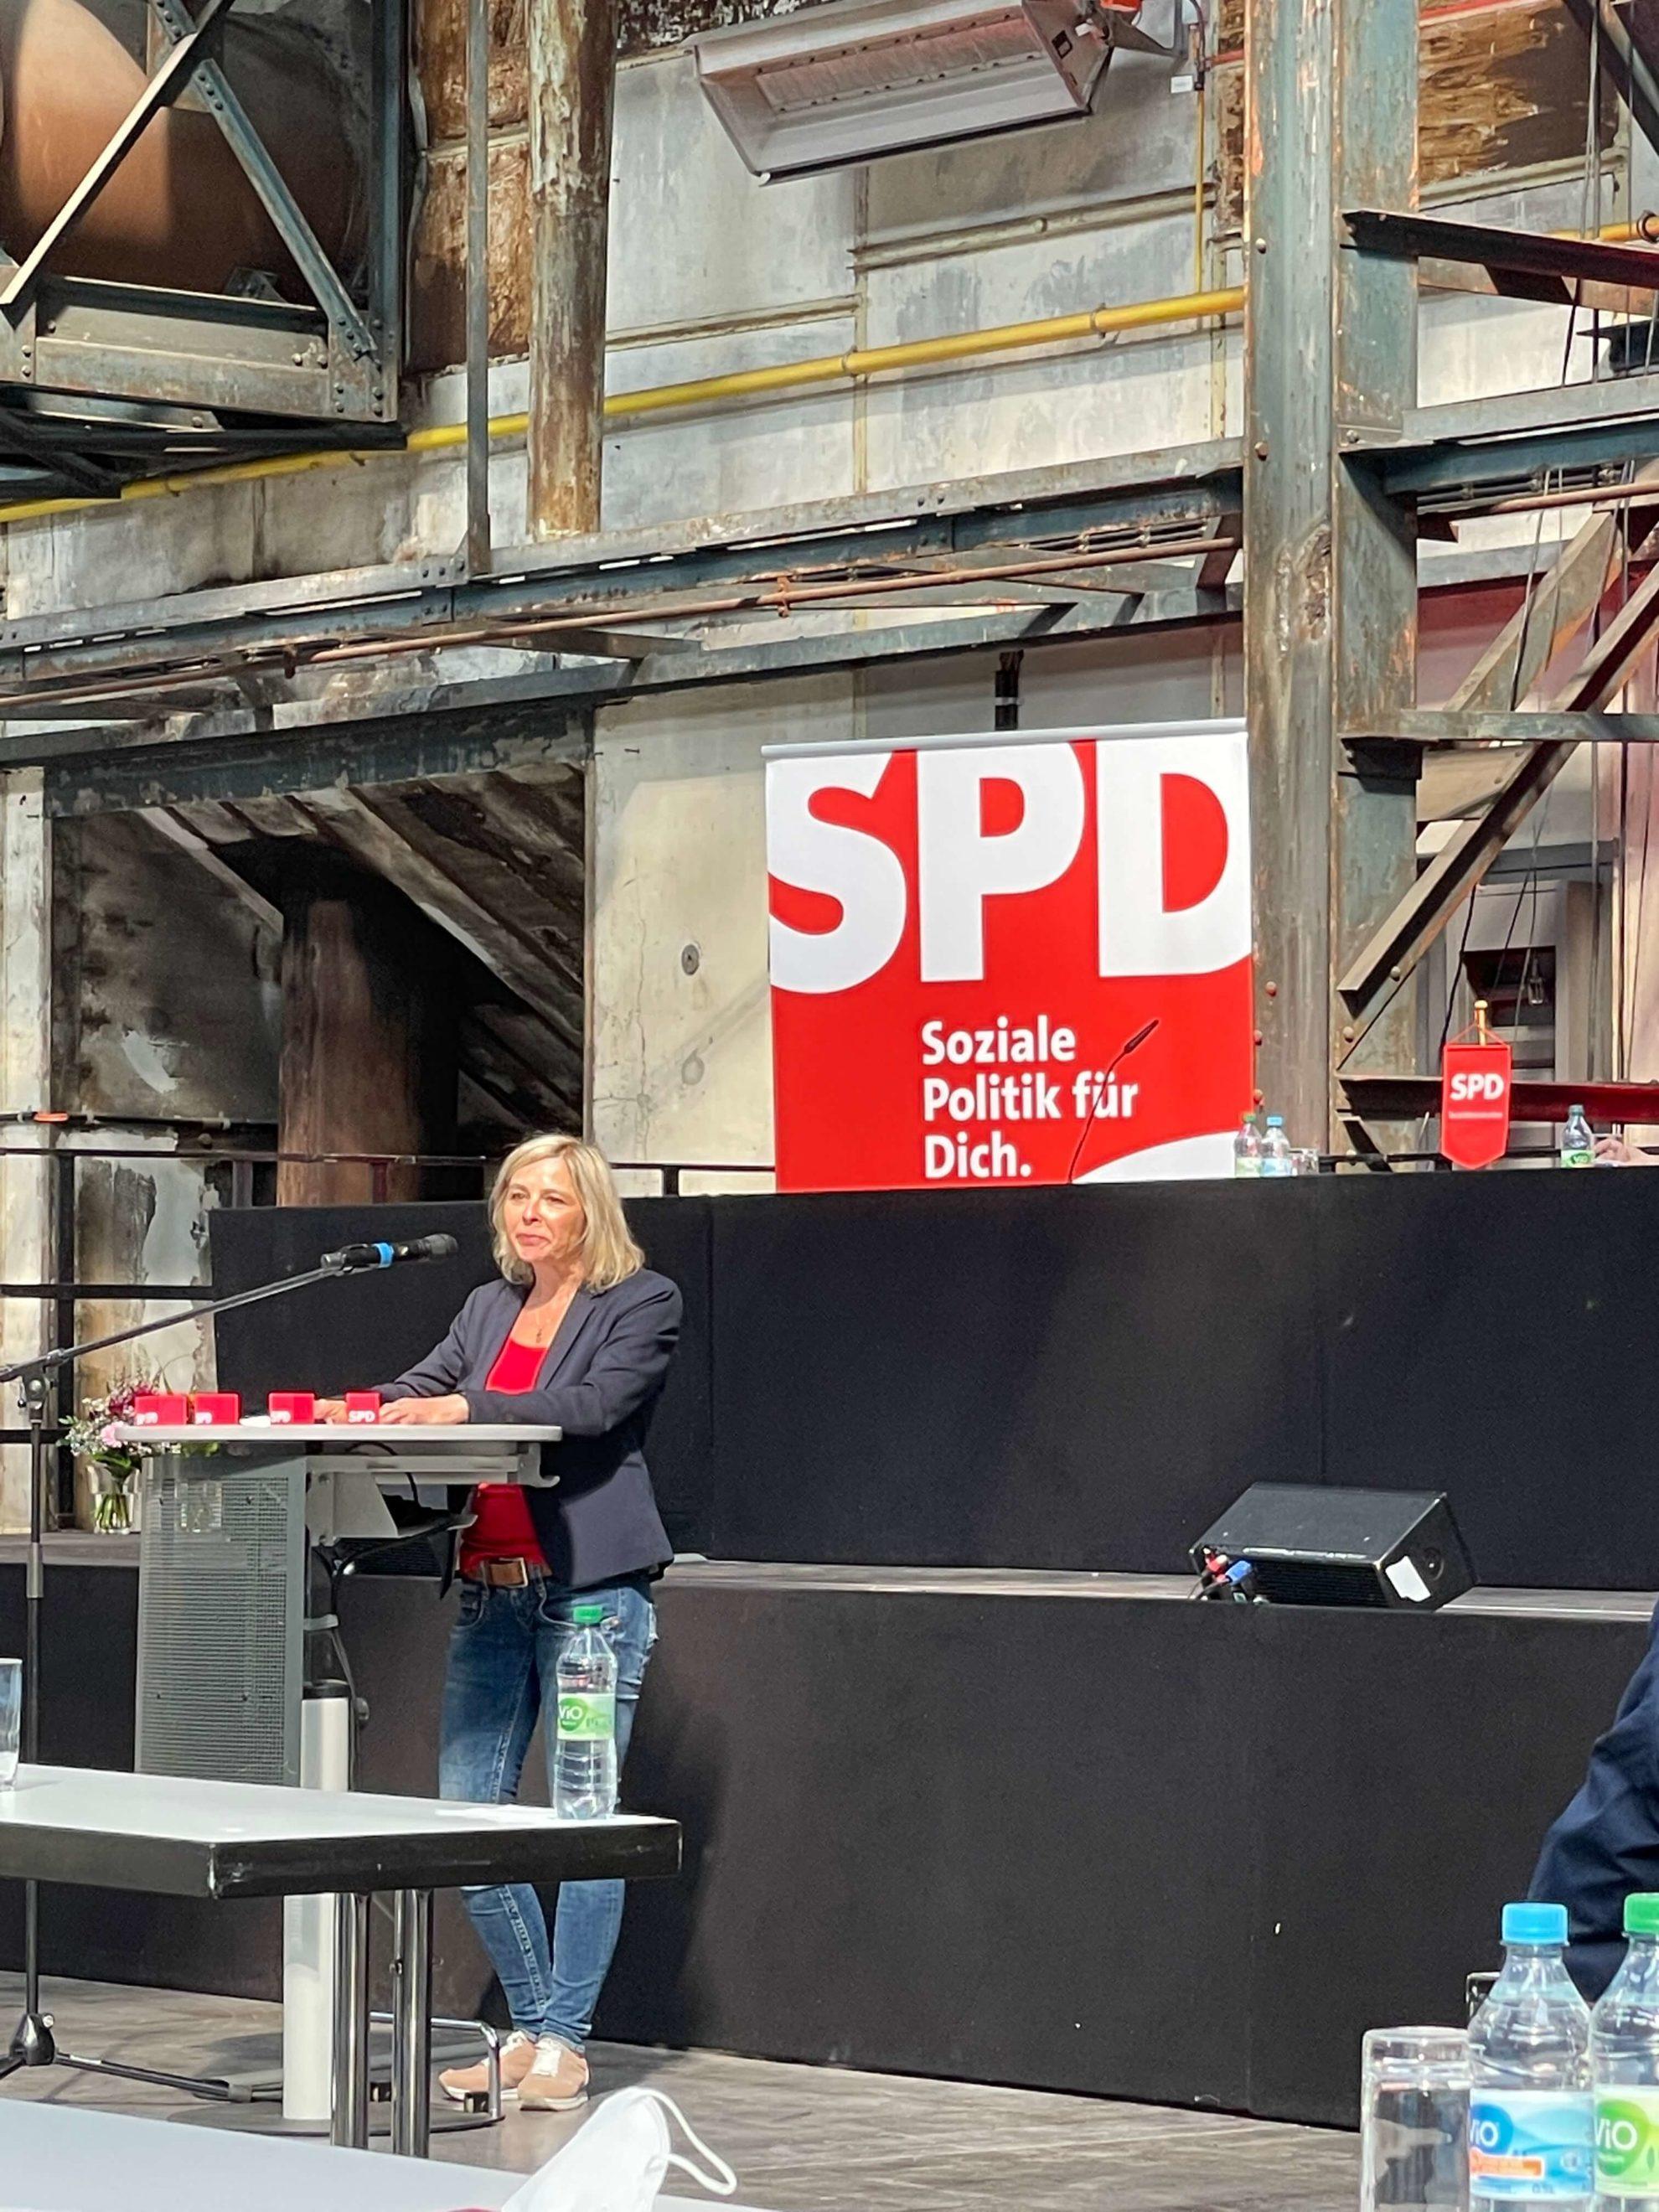 Andrea Busche beim Parteitag der SPD Bochum am 26. Juni 2021